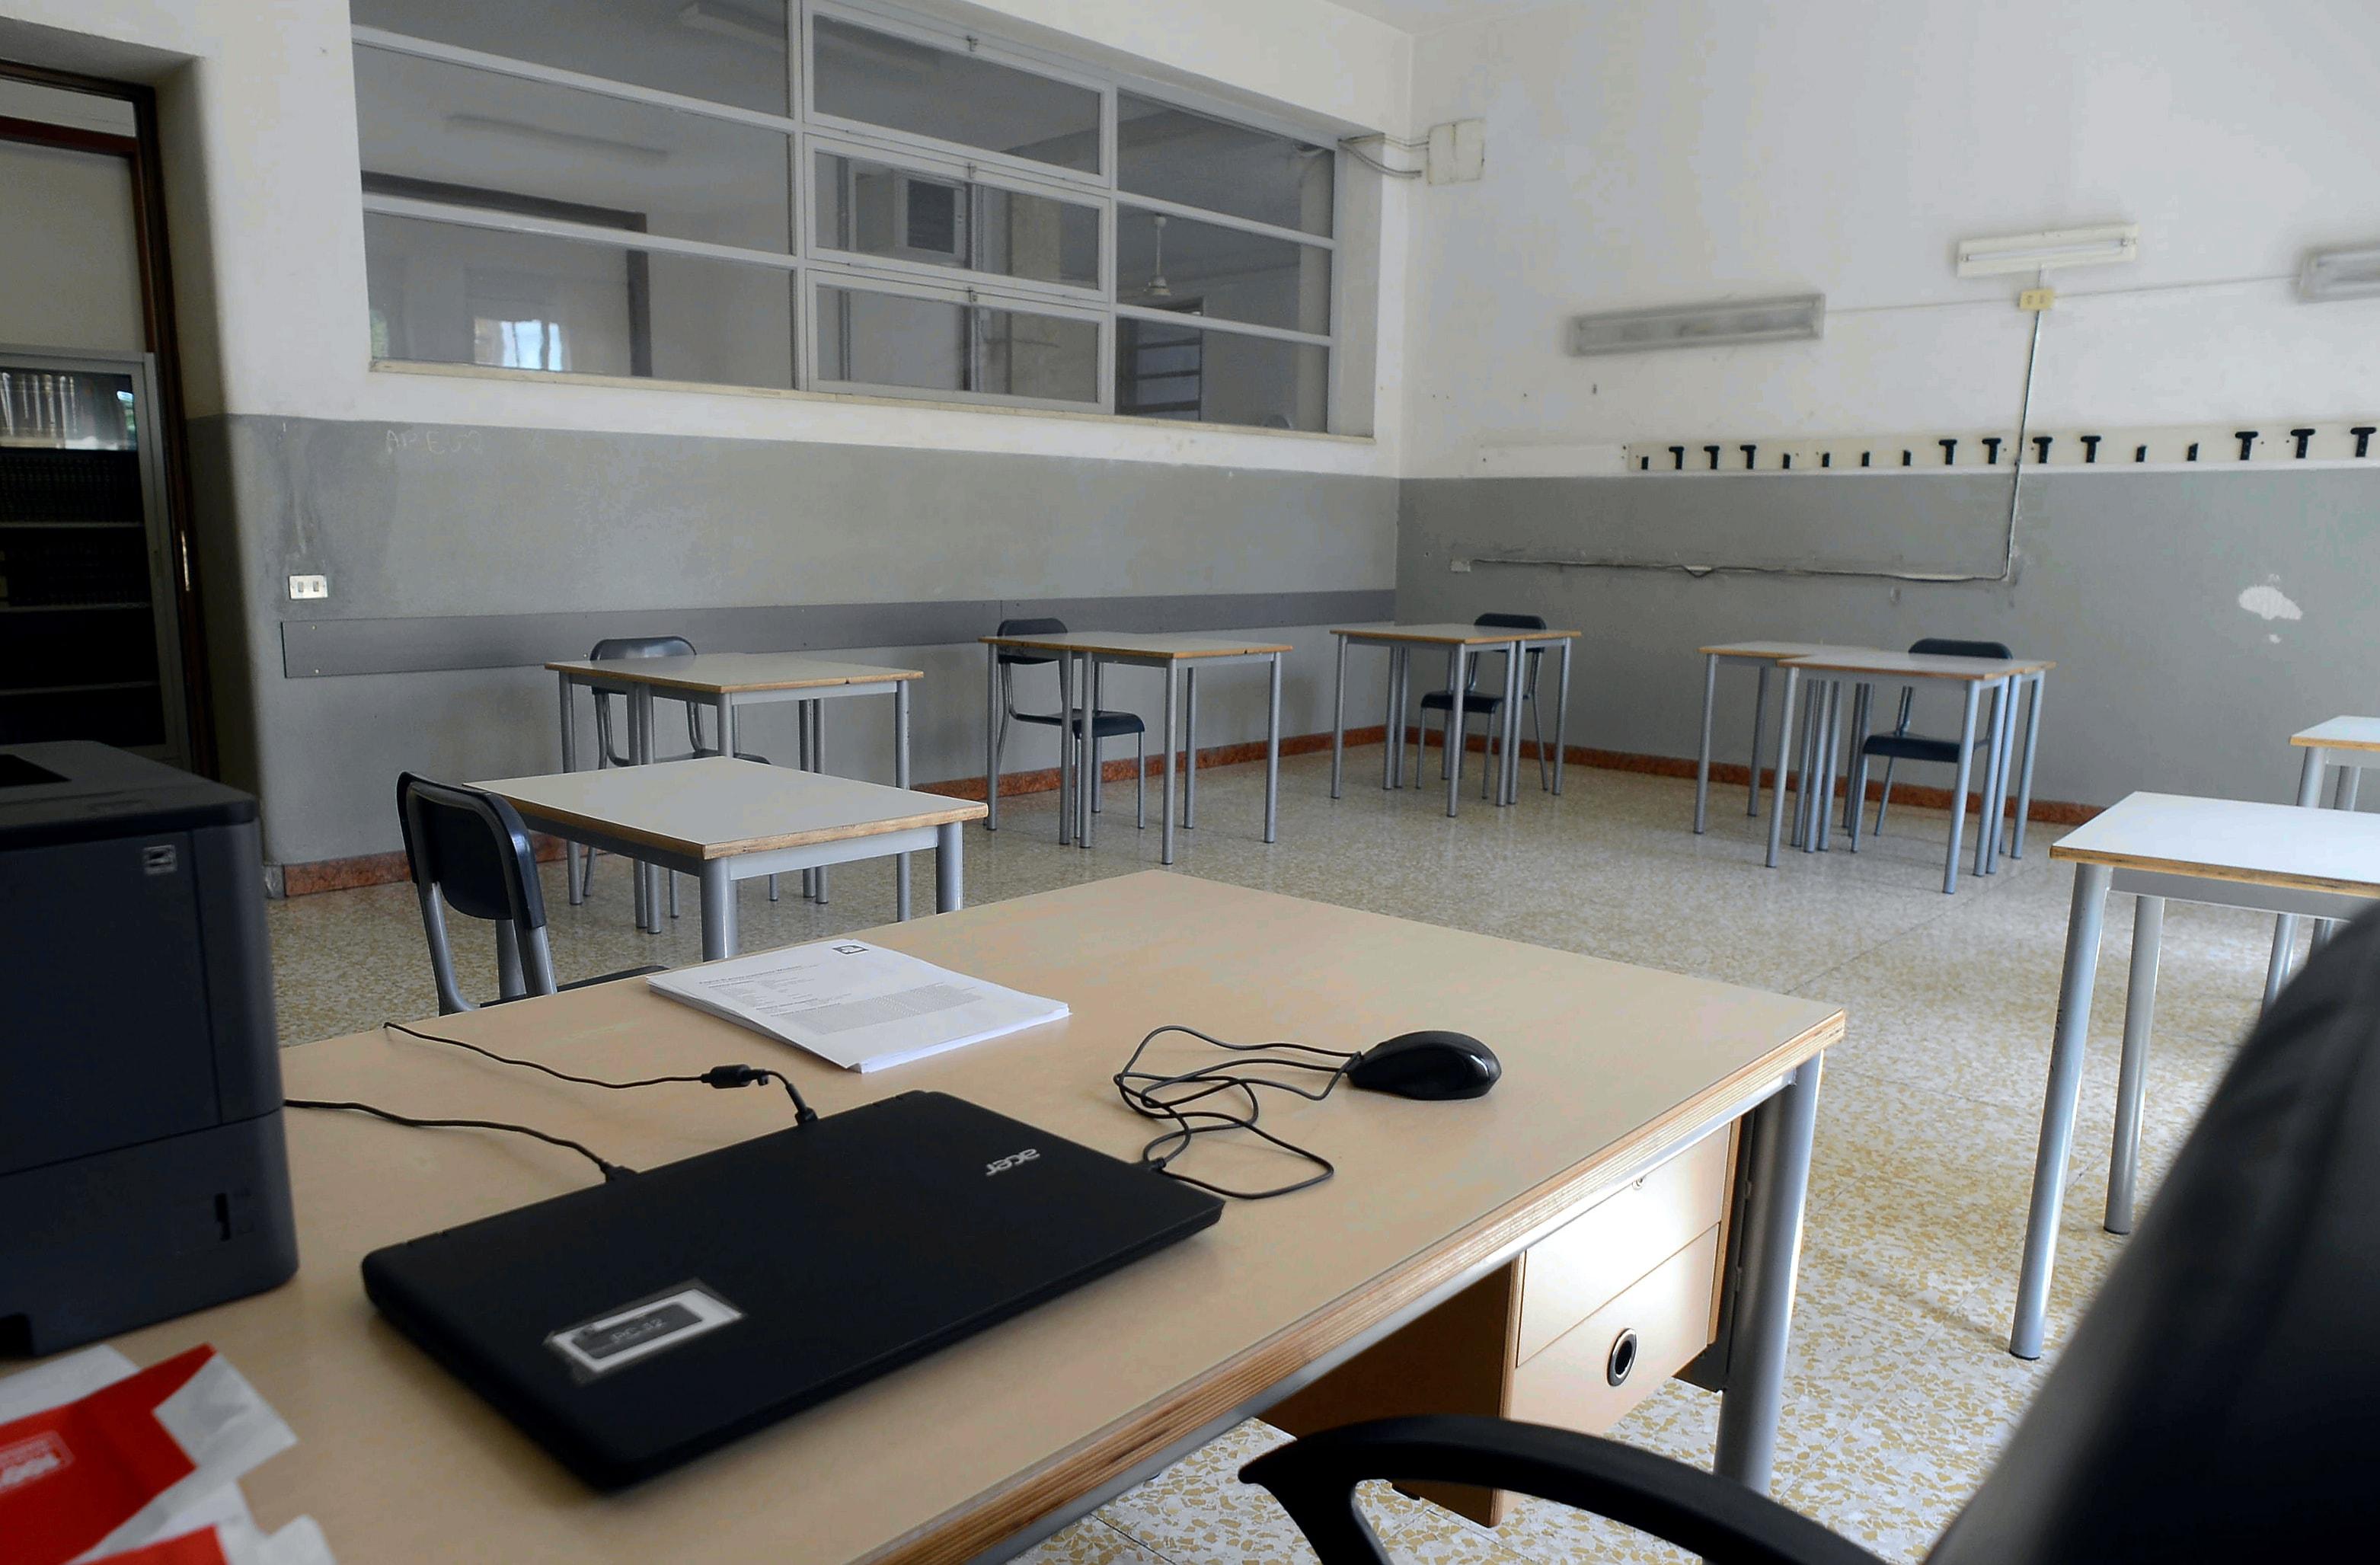 Coronavirus Studentessa Positiva In Una Scuola Del Friuli Venezia Giulia A Cervignano Chiuse Le Aule